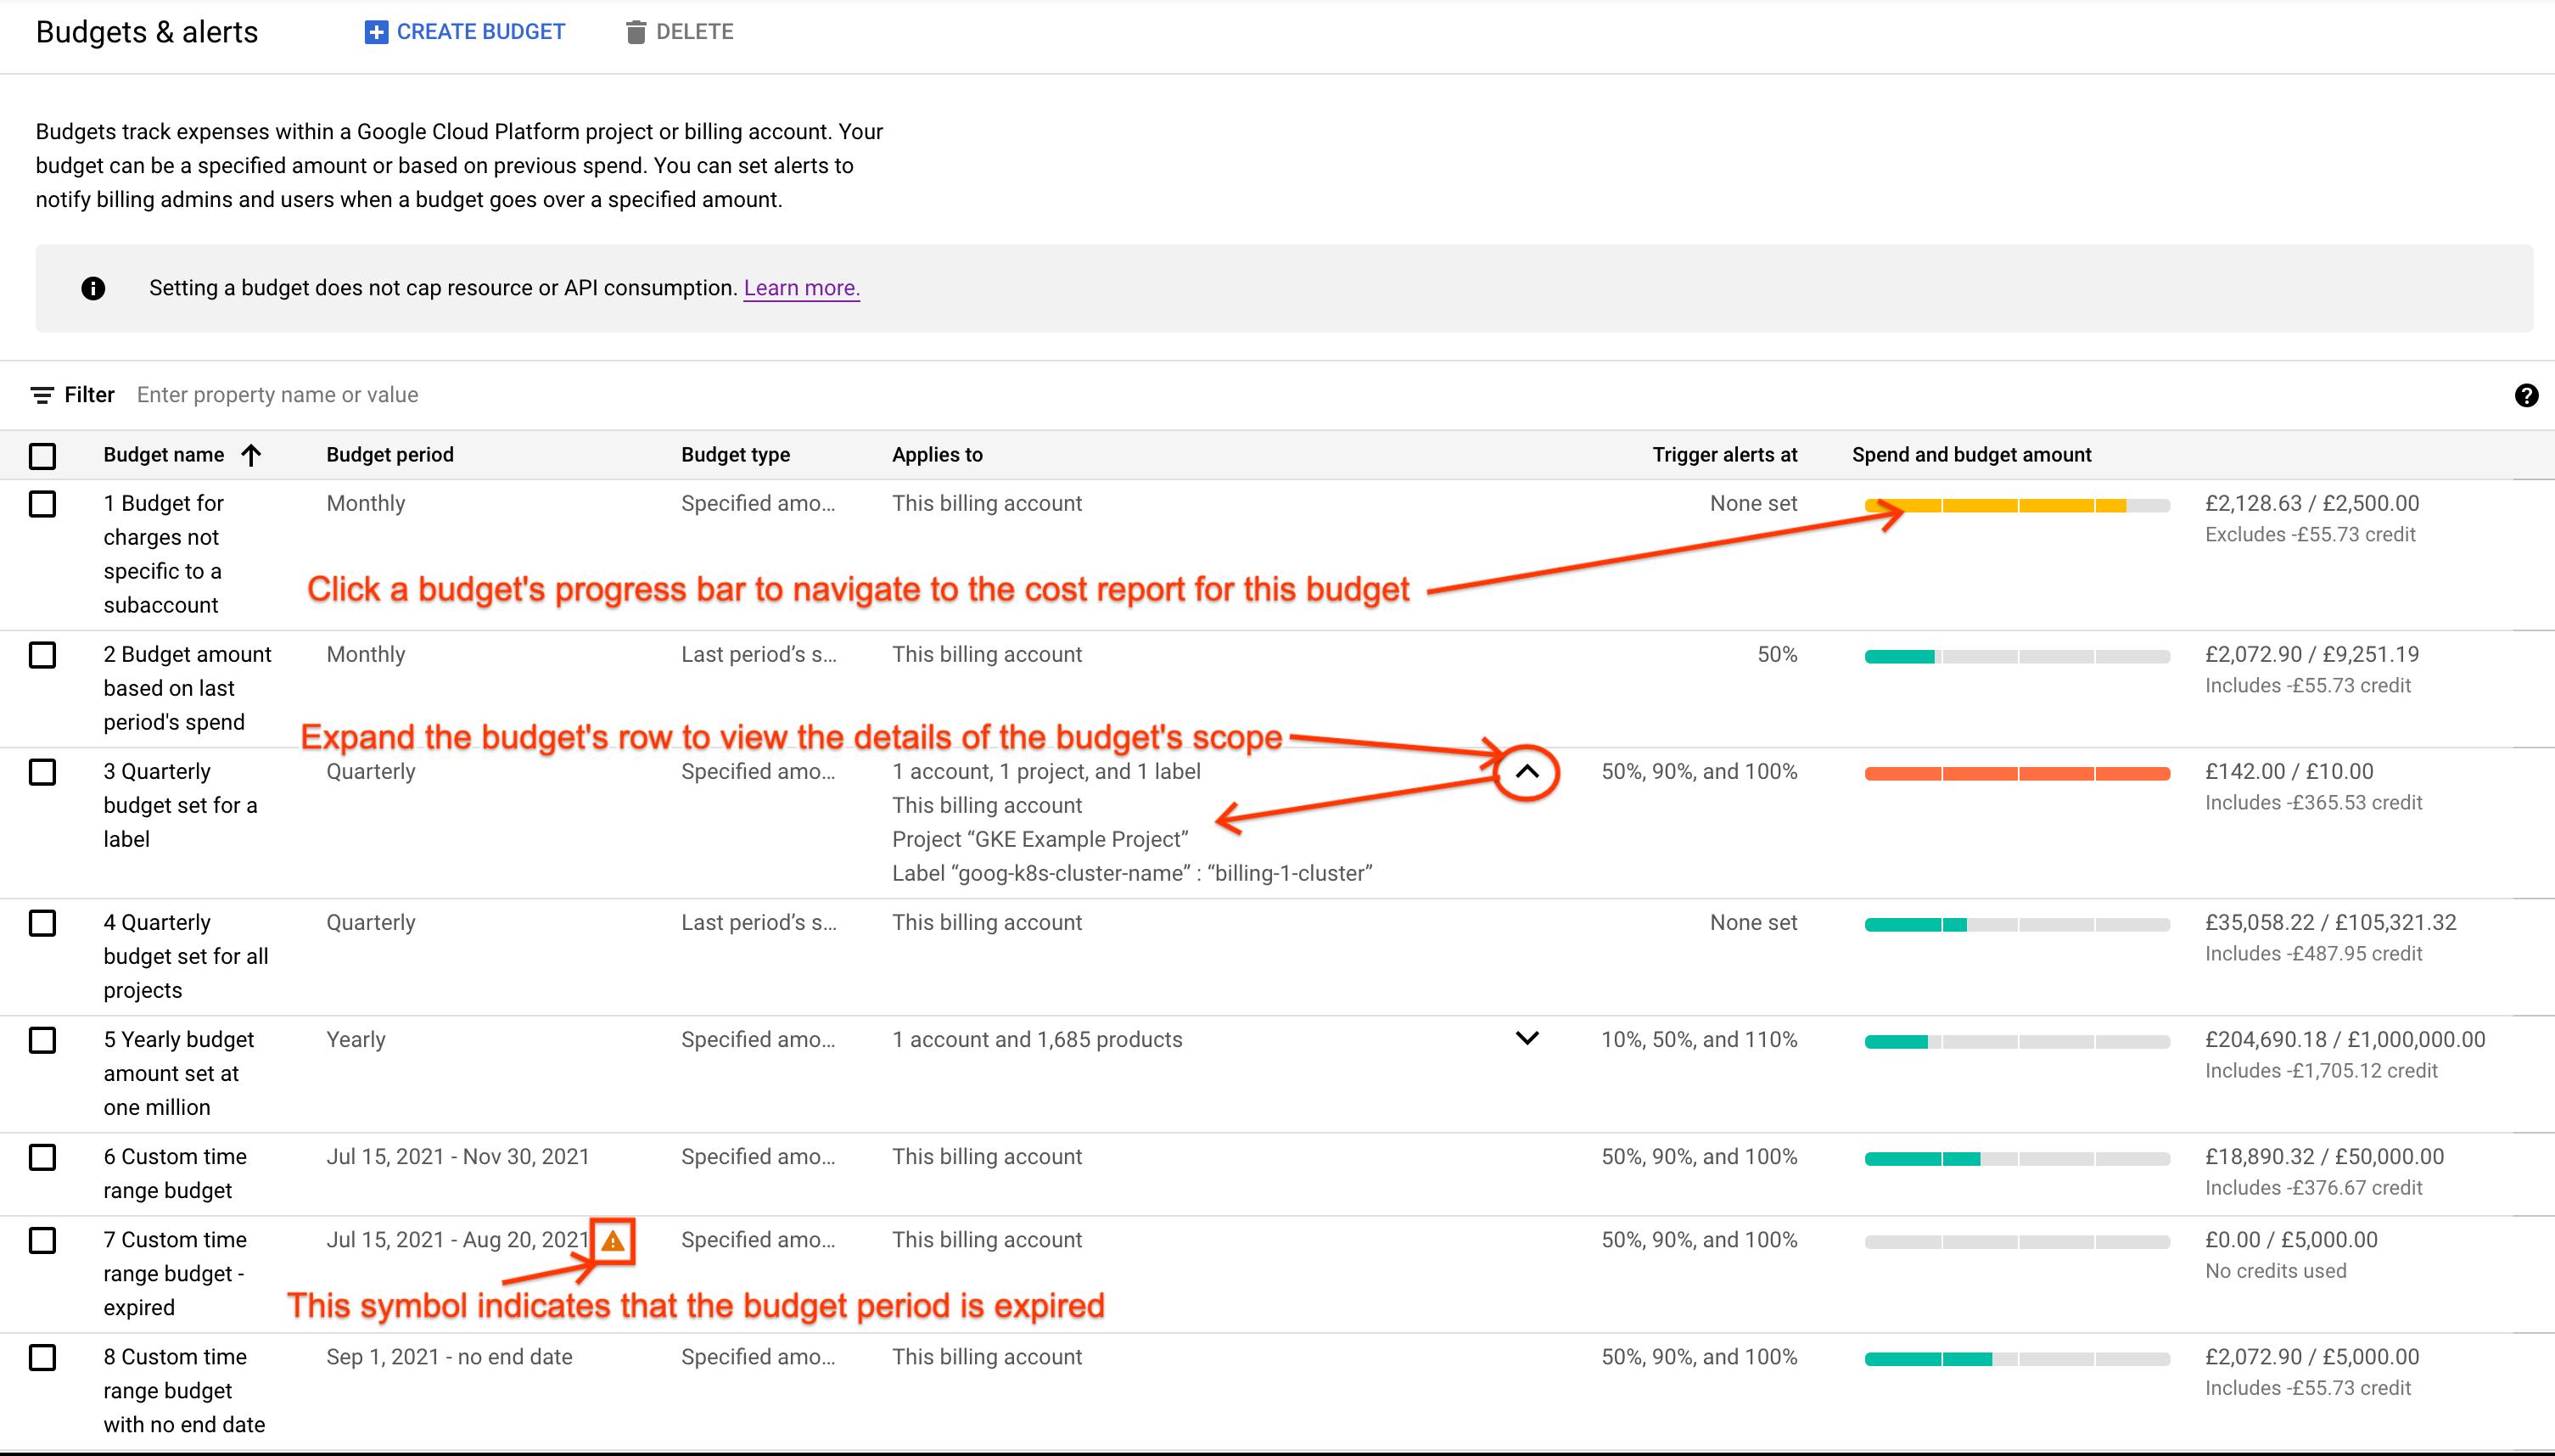 """Exemplo da página """"Orçamentos e alertas"""" acessível no Console do Google Cloud. A página exibe uma lista de orçamentos em um formato tabular."""